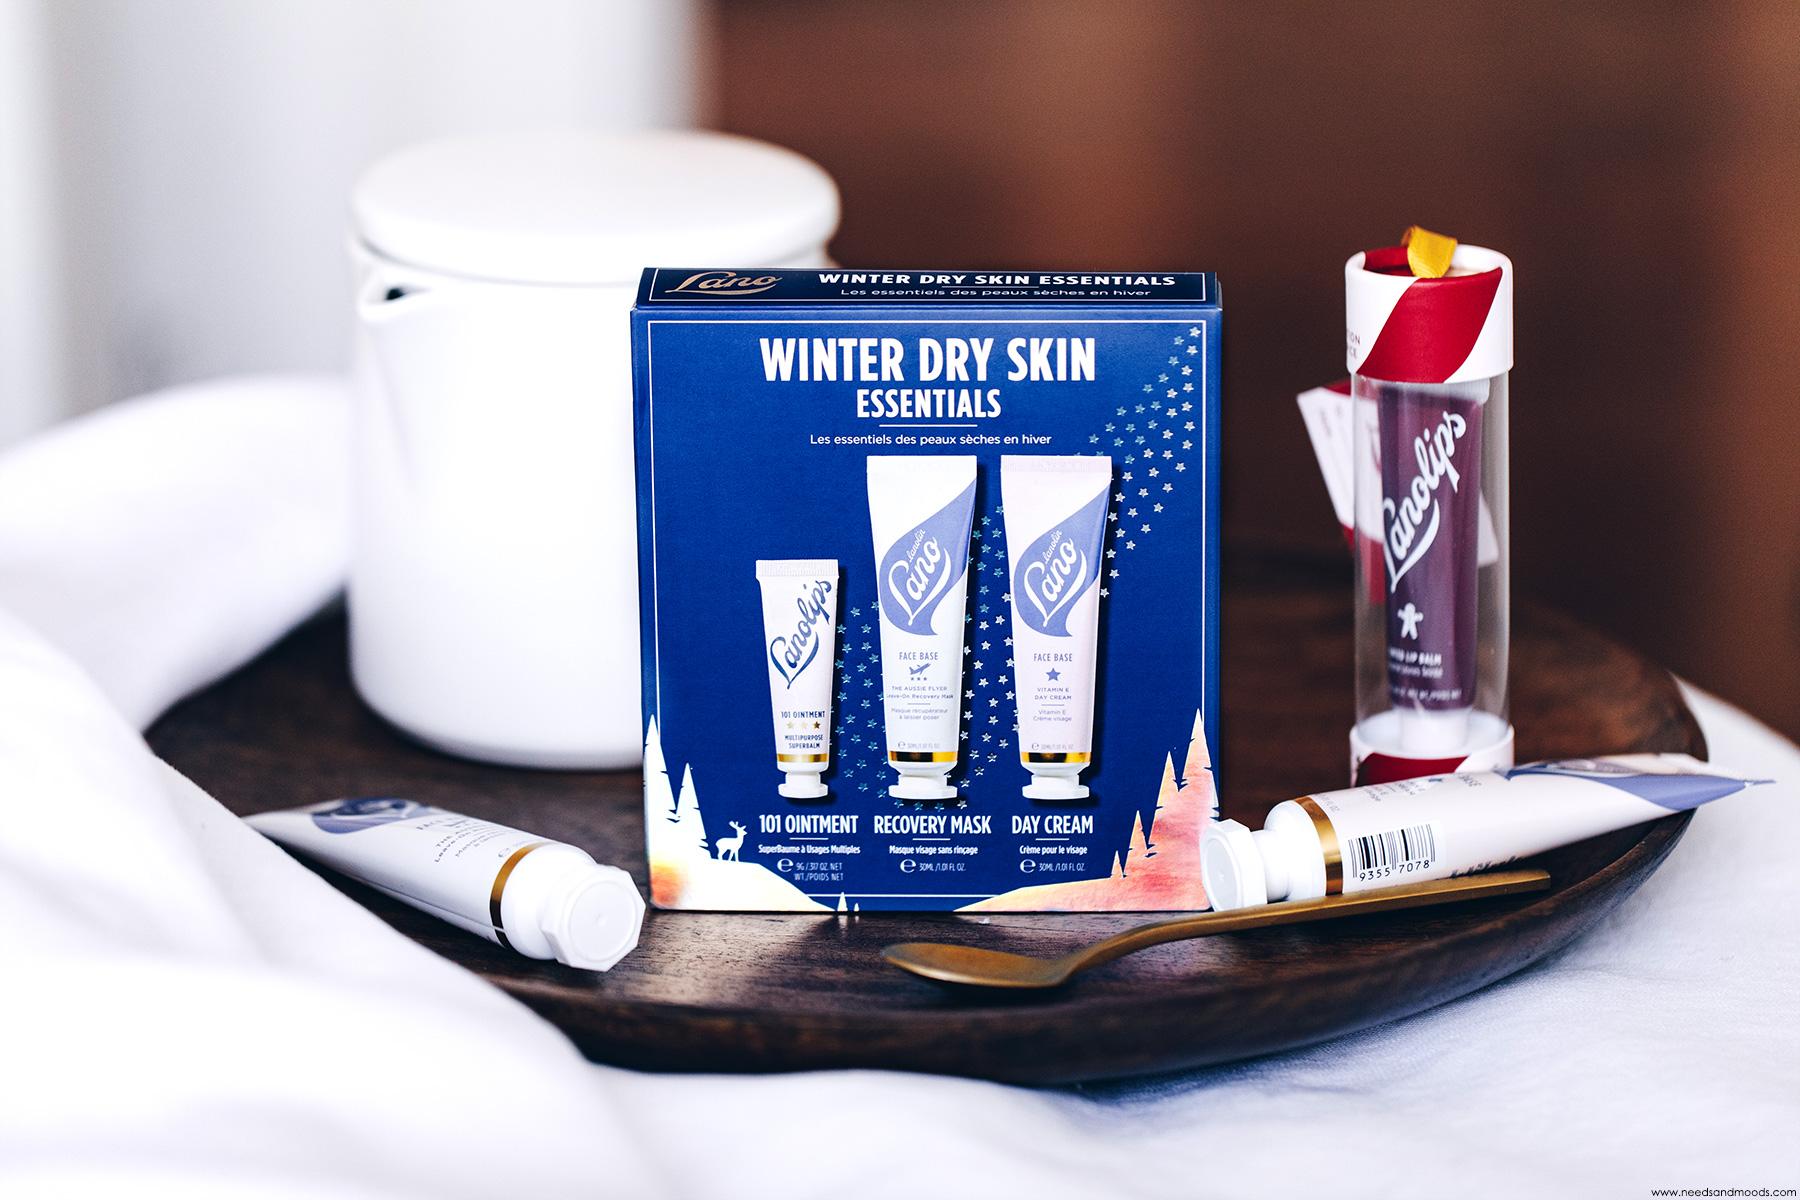 lanolips winter dry skin essentials